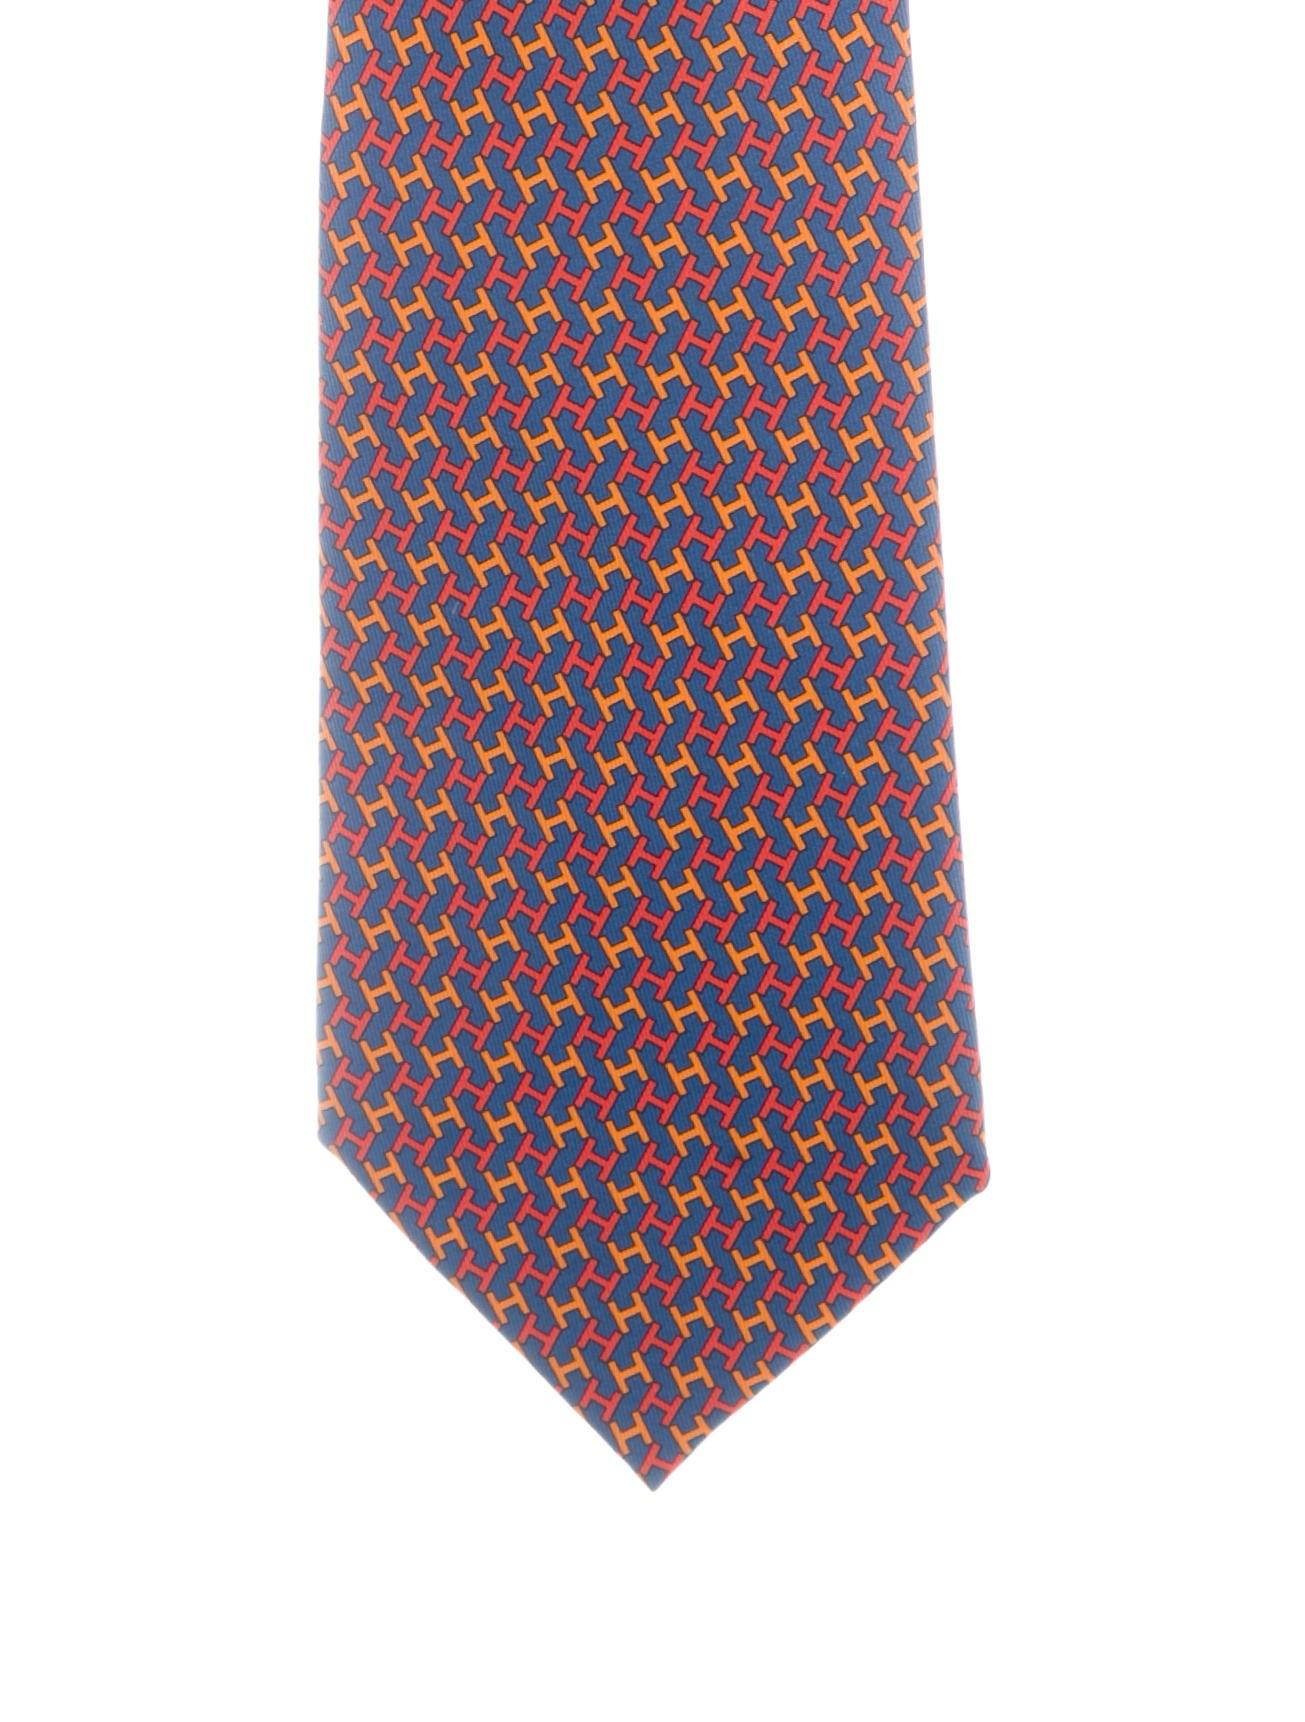 2d65a498ae73 Hermès Silk Façonnée H Logo Tie - Suiting Accessories - HER187576 ...